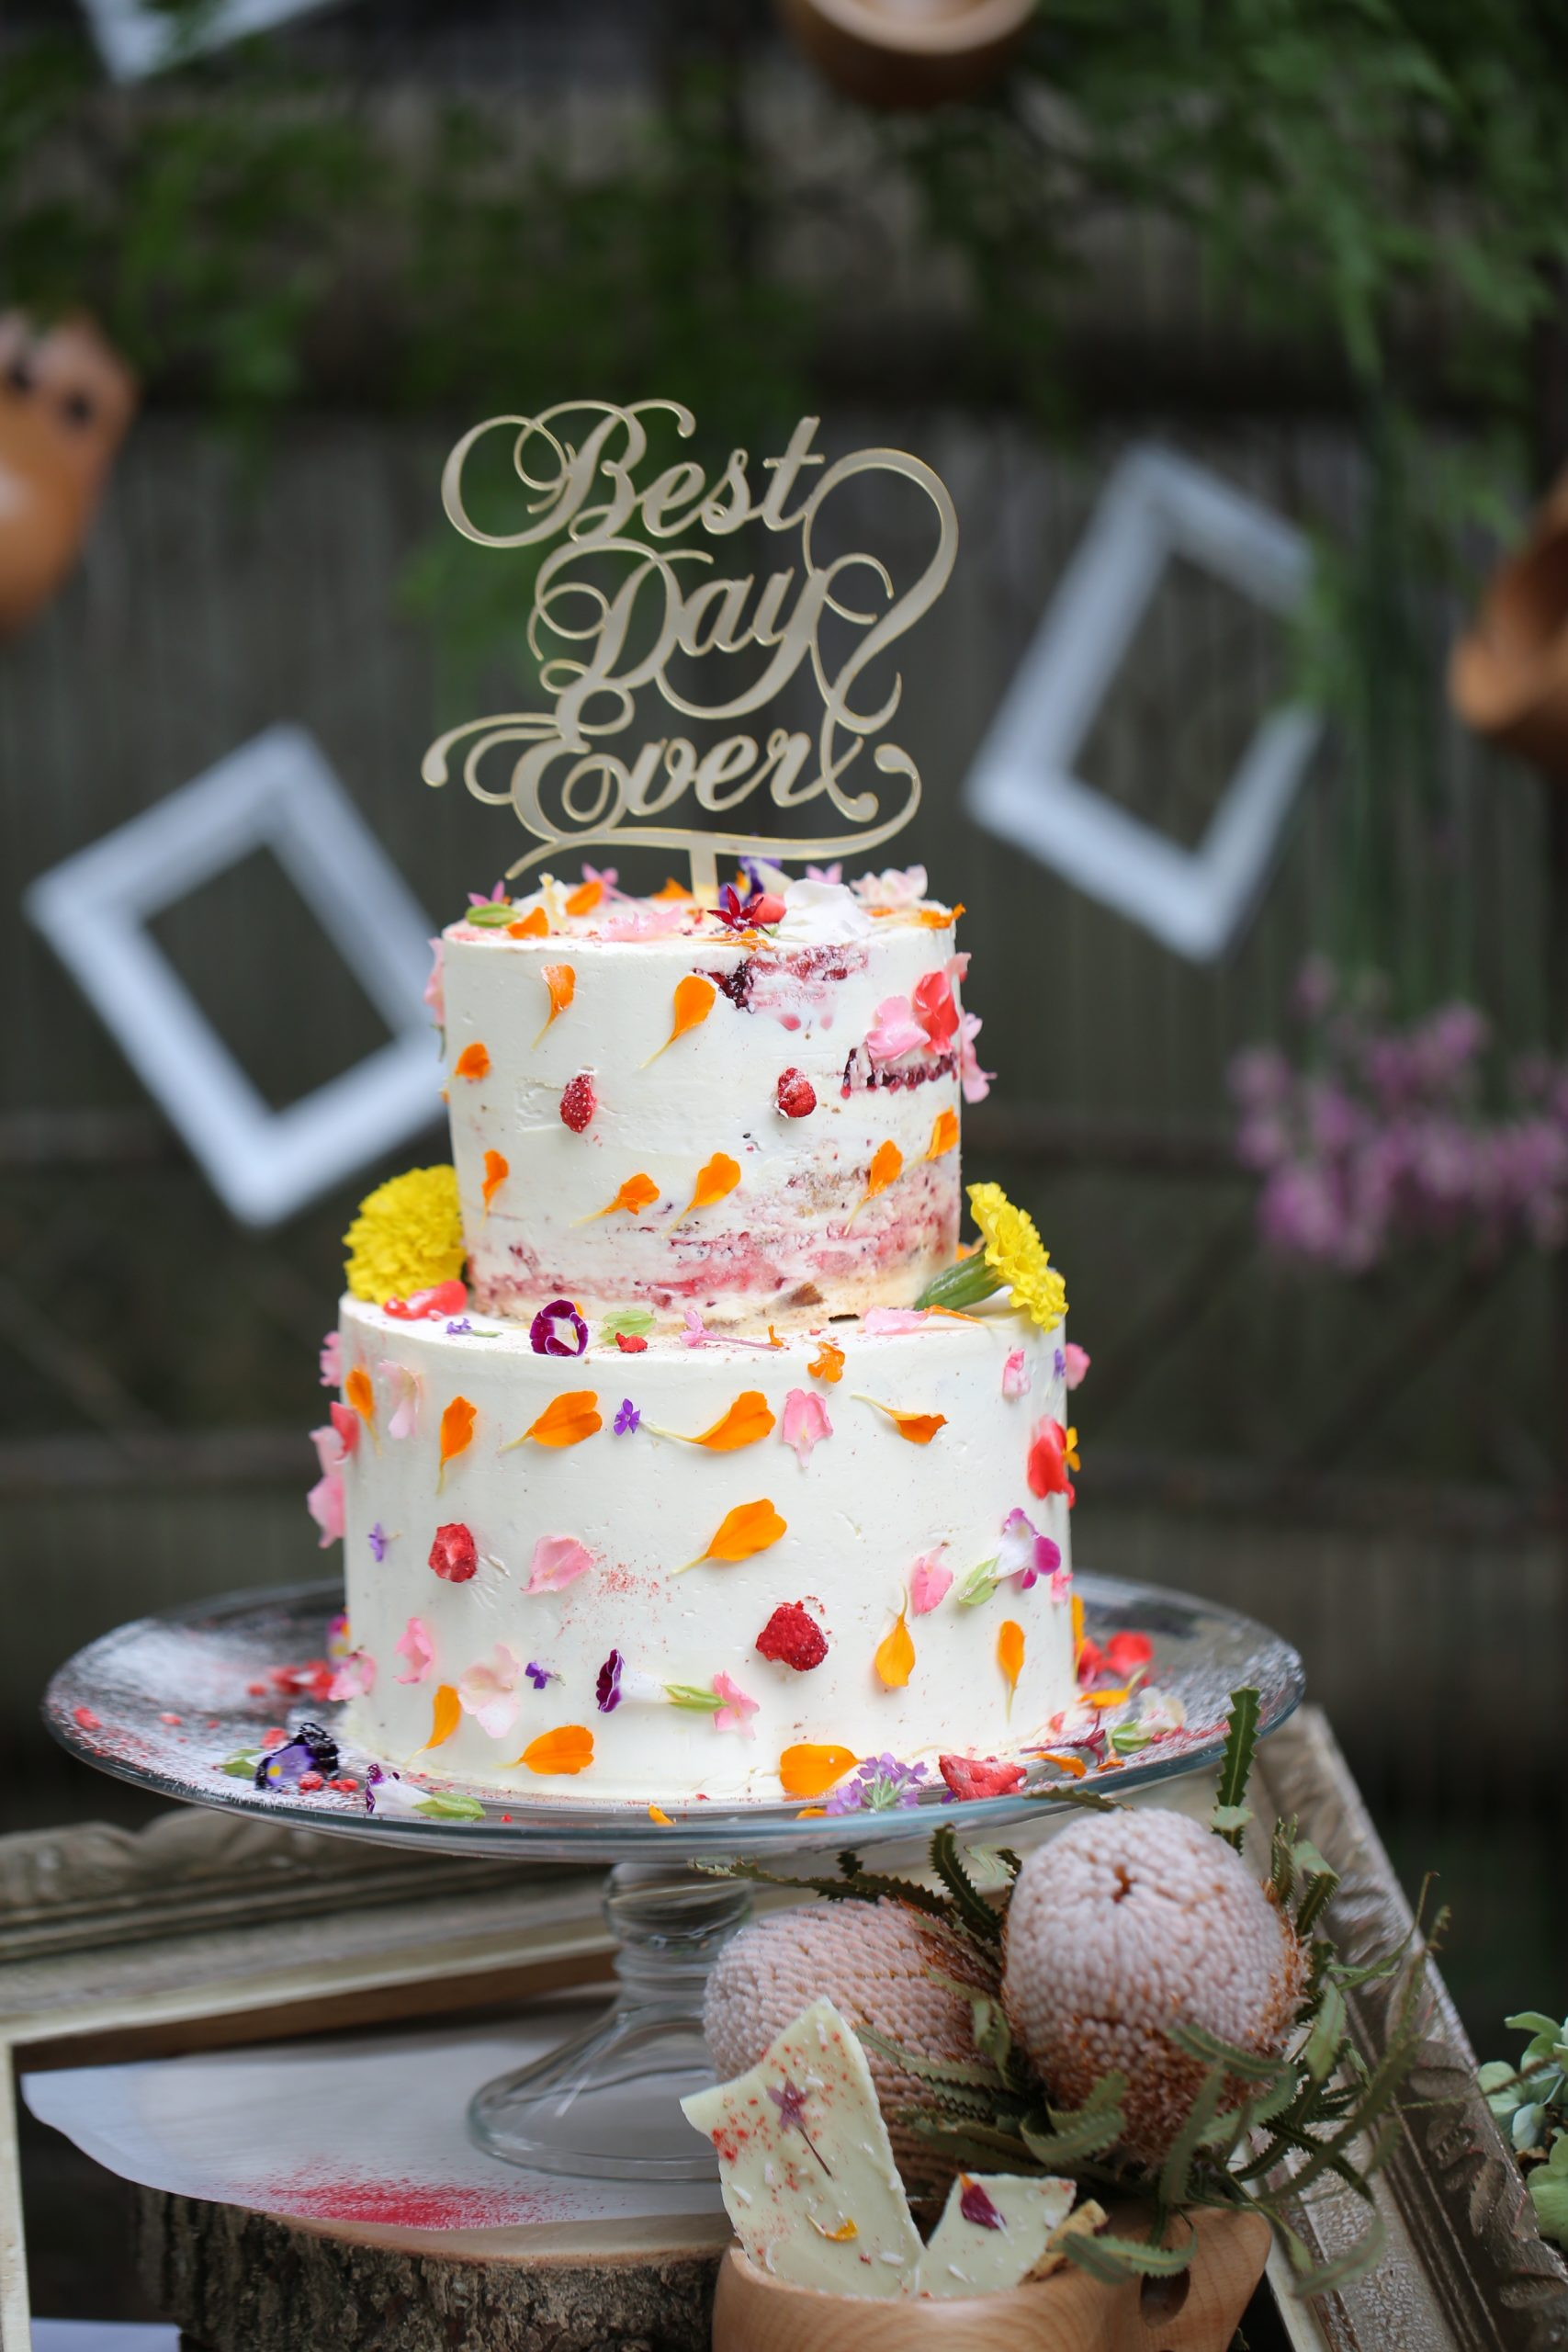 エディブルフラワーでデコレーションしたウェディングケーキ